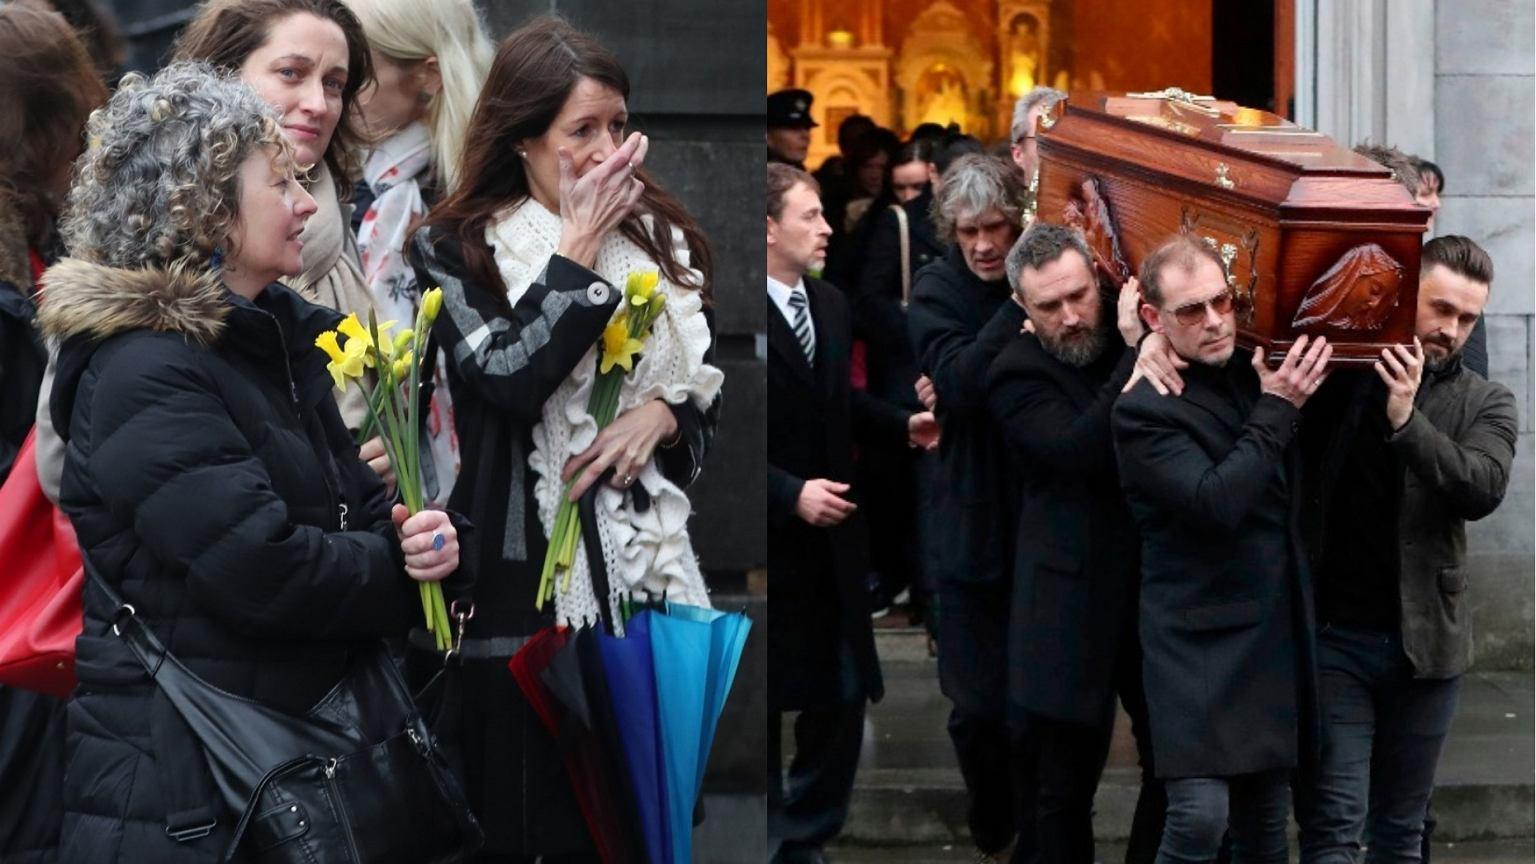 Pogrzeb Dolores O'Riordan. Fani tłumnie przybyli, by pożegnać artystkę